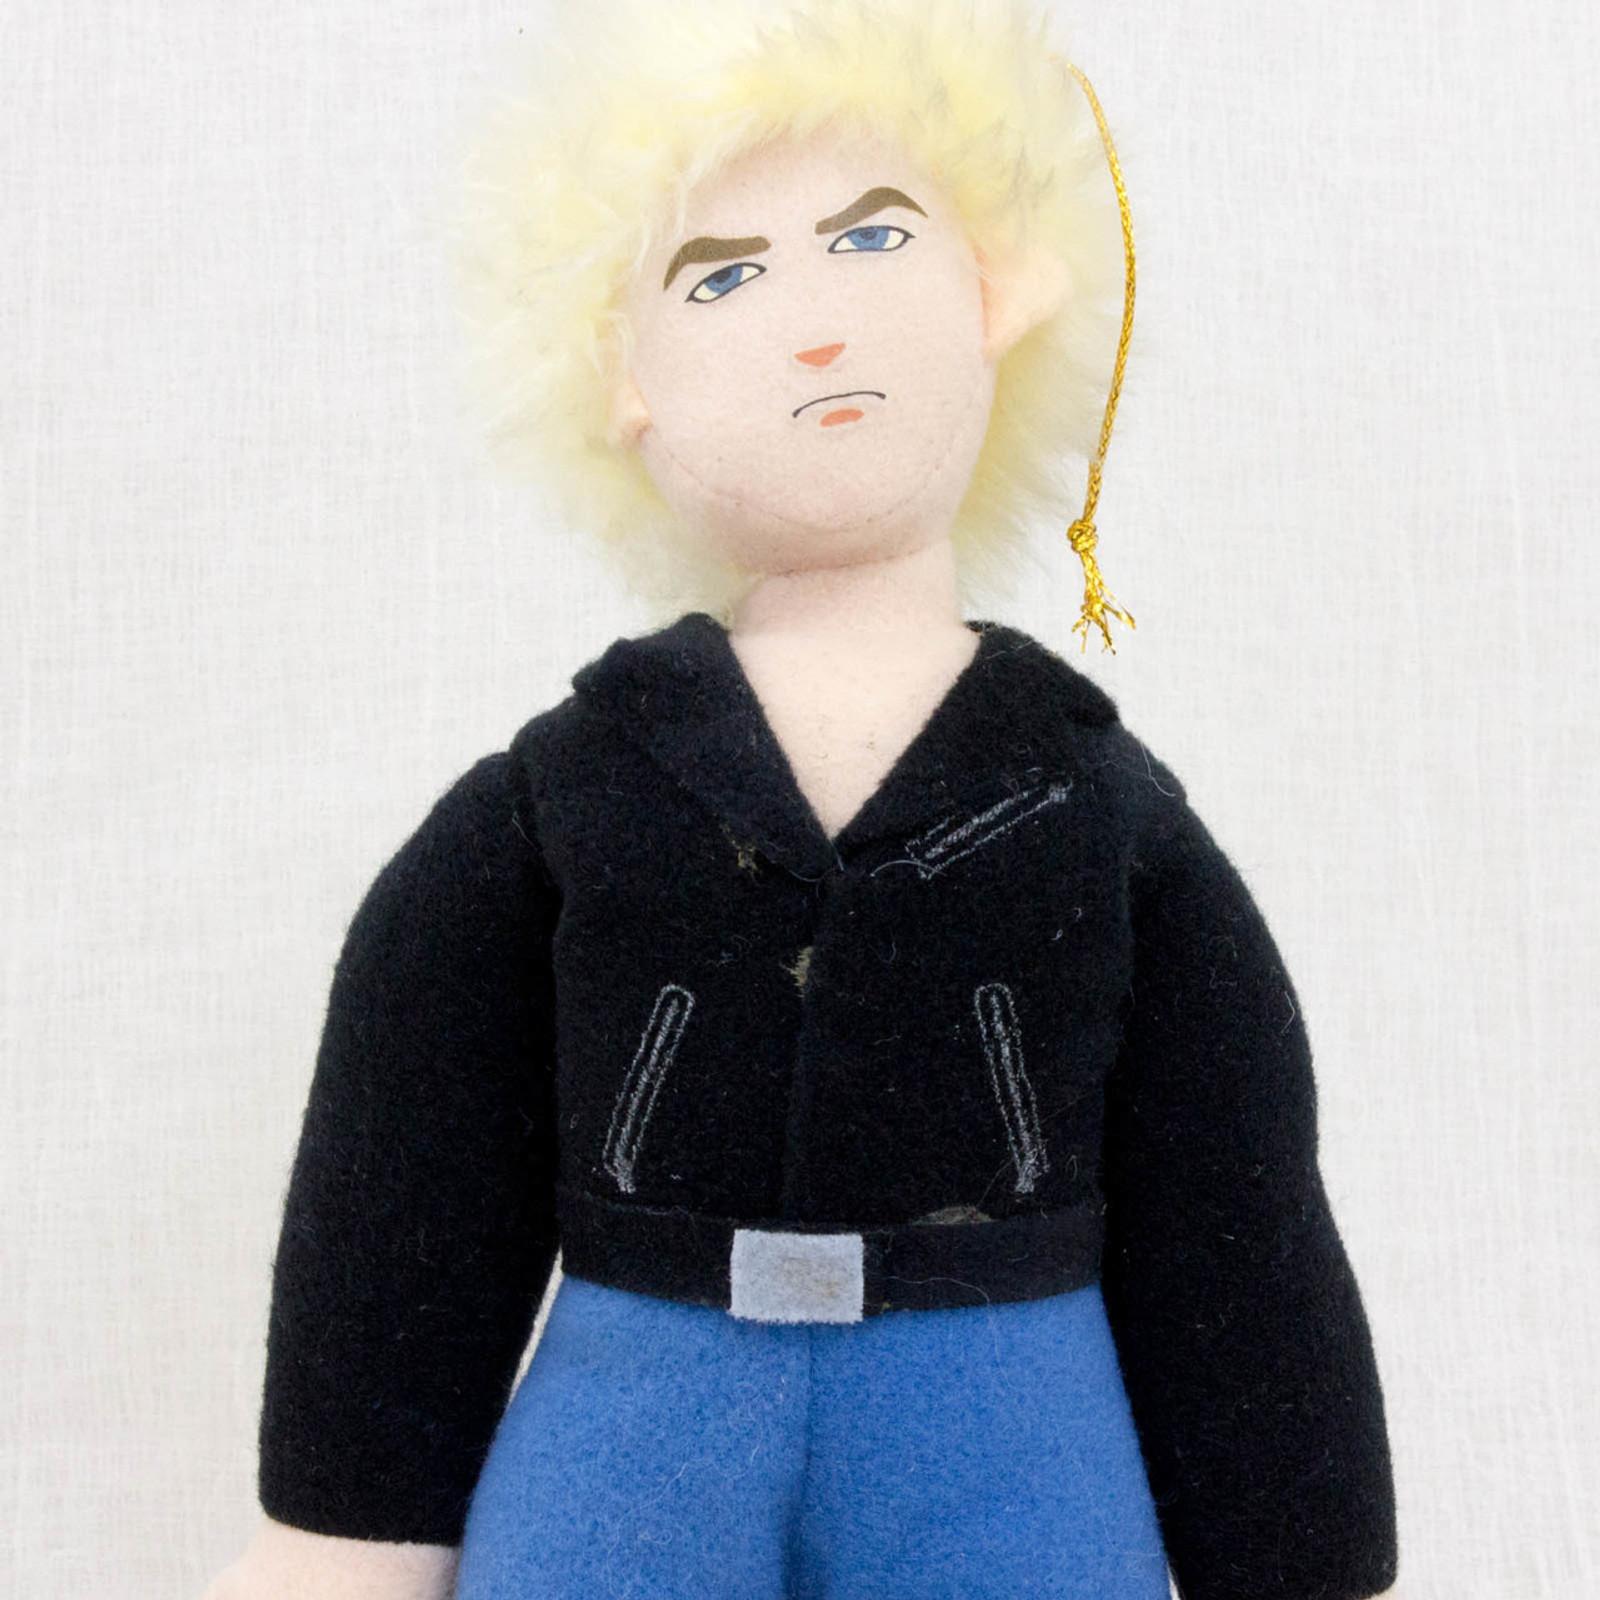 """Virtua Fighter 2 Jacky Bryant 10"""" Plush Doll SEGA 1995 JAPAN GAME FIGURE 2"""